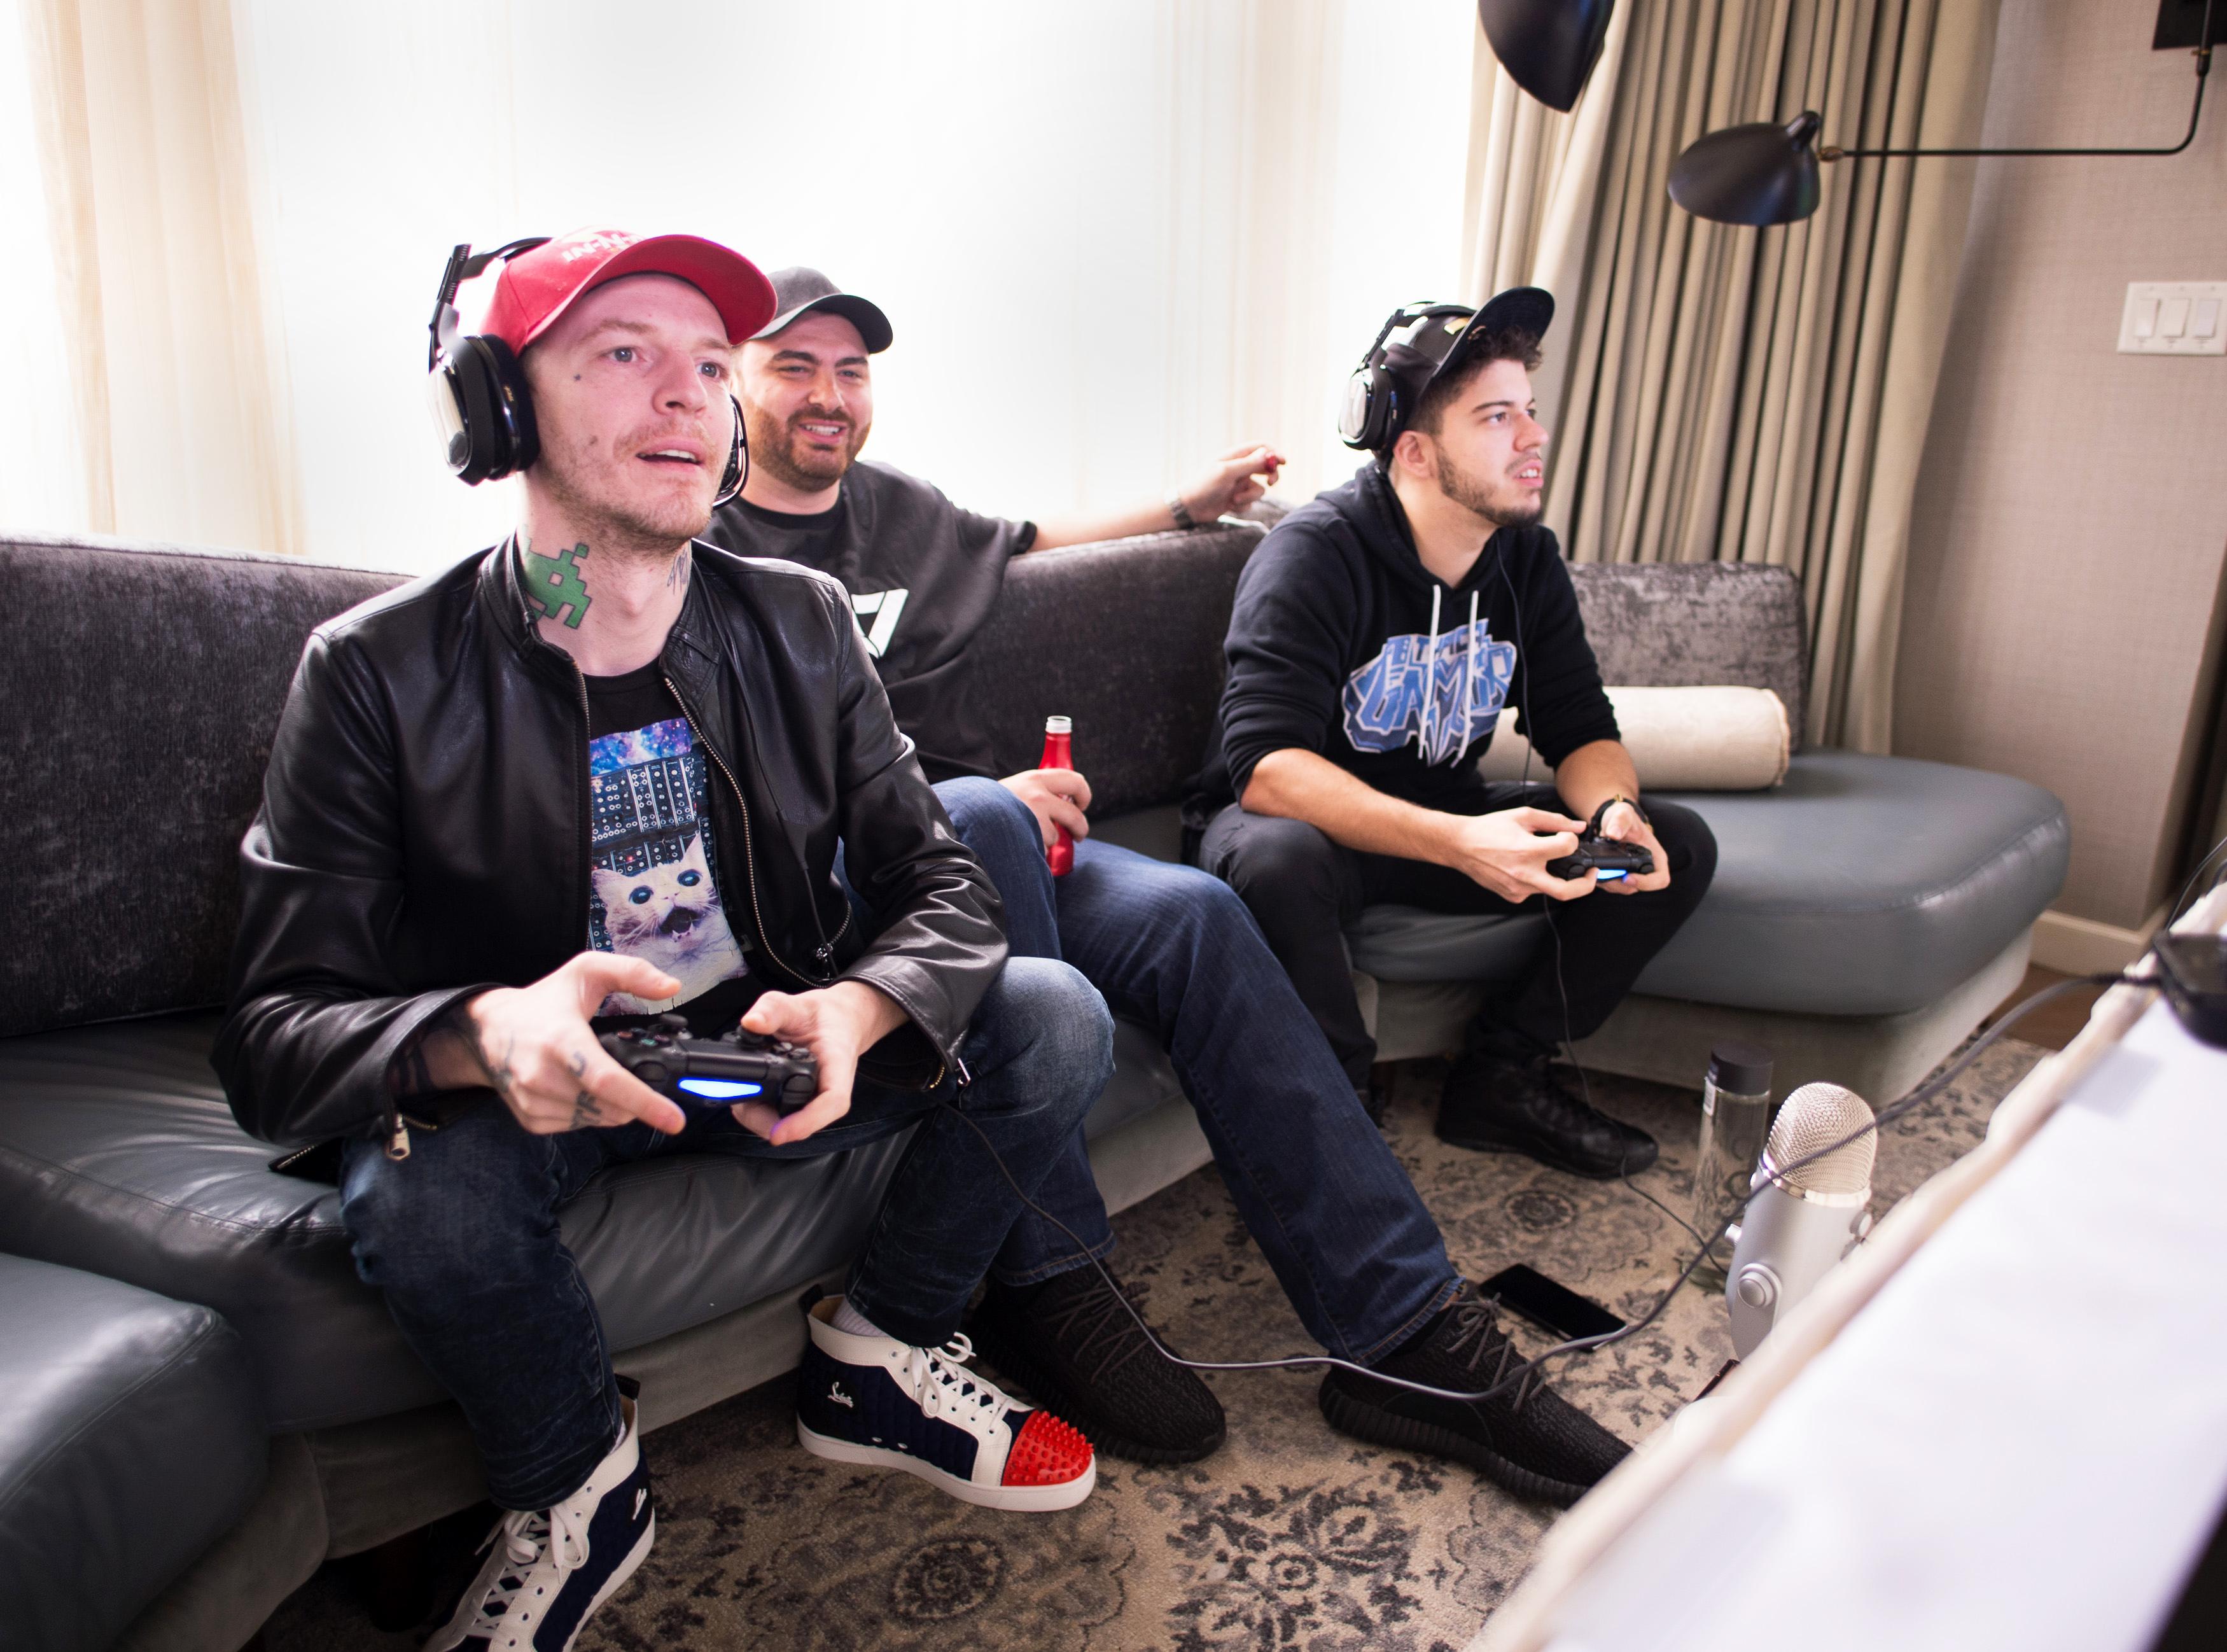 1857a174a64e3 Deadmau5 Talks Video Game Obsession